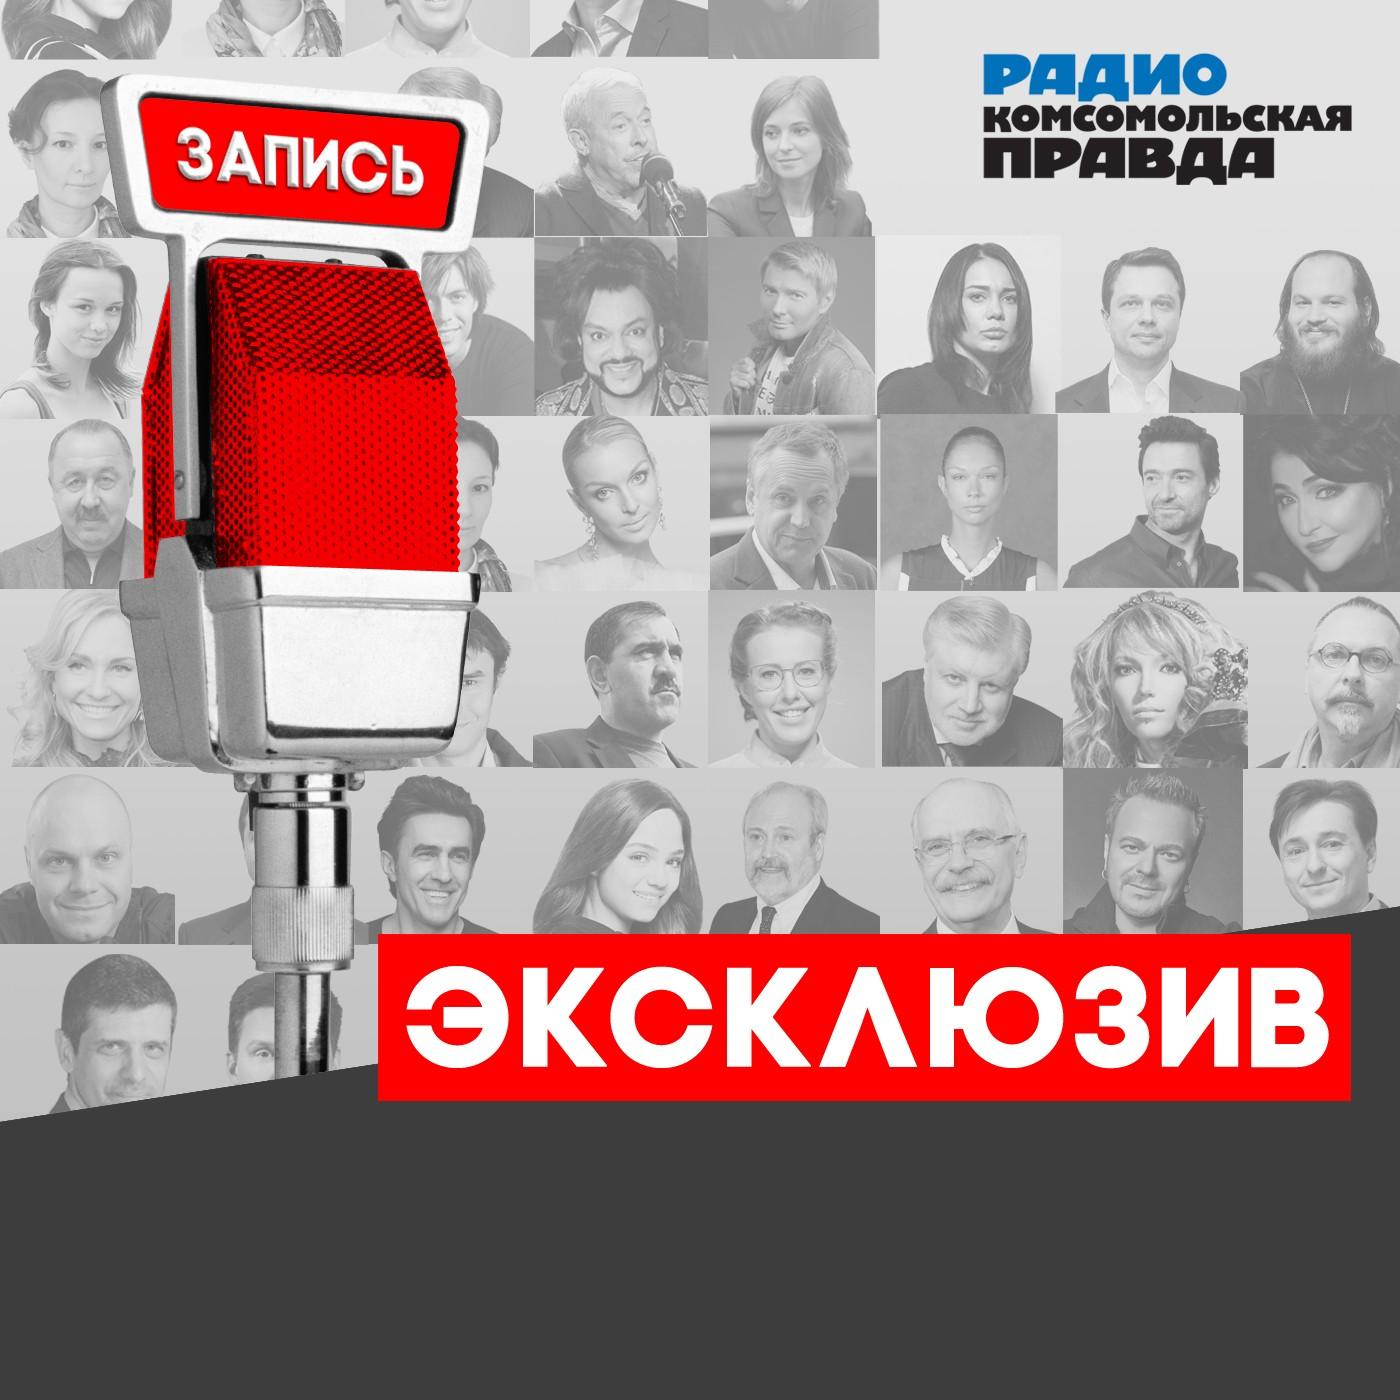 Радио «Комсомольская правда» Олег Сирота. Производство сыра и молока - прибыльно! сирота